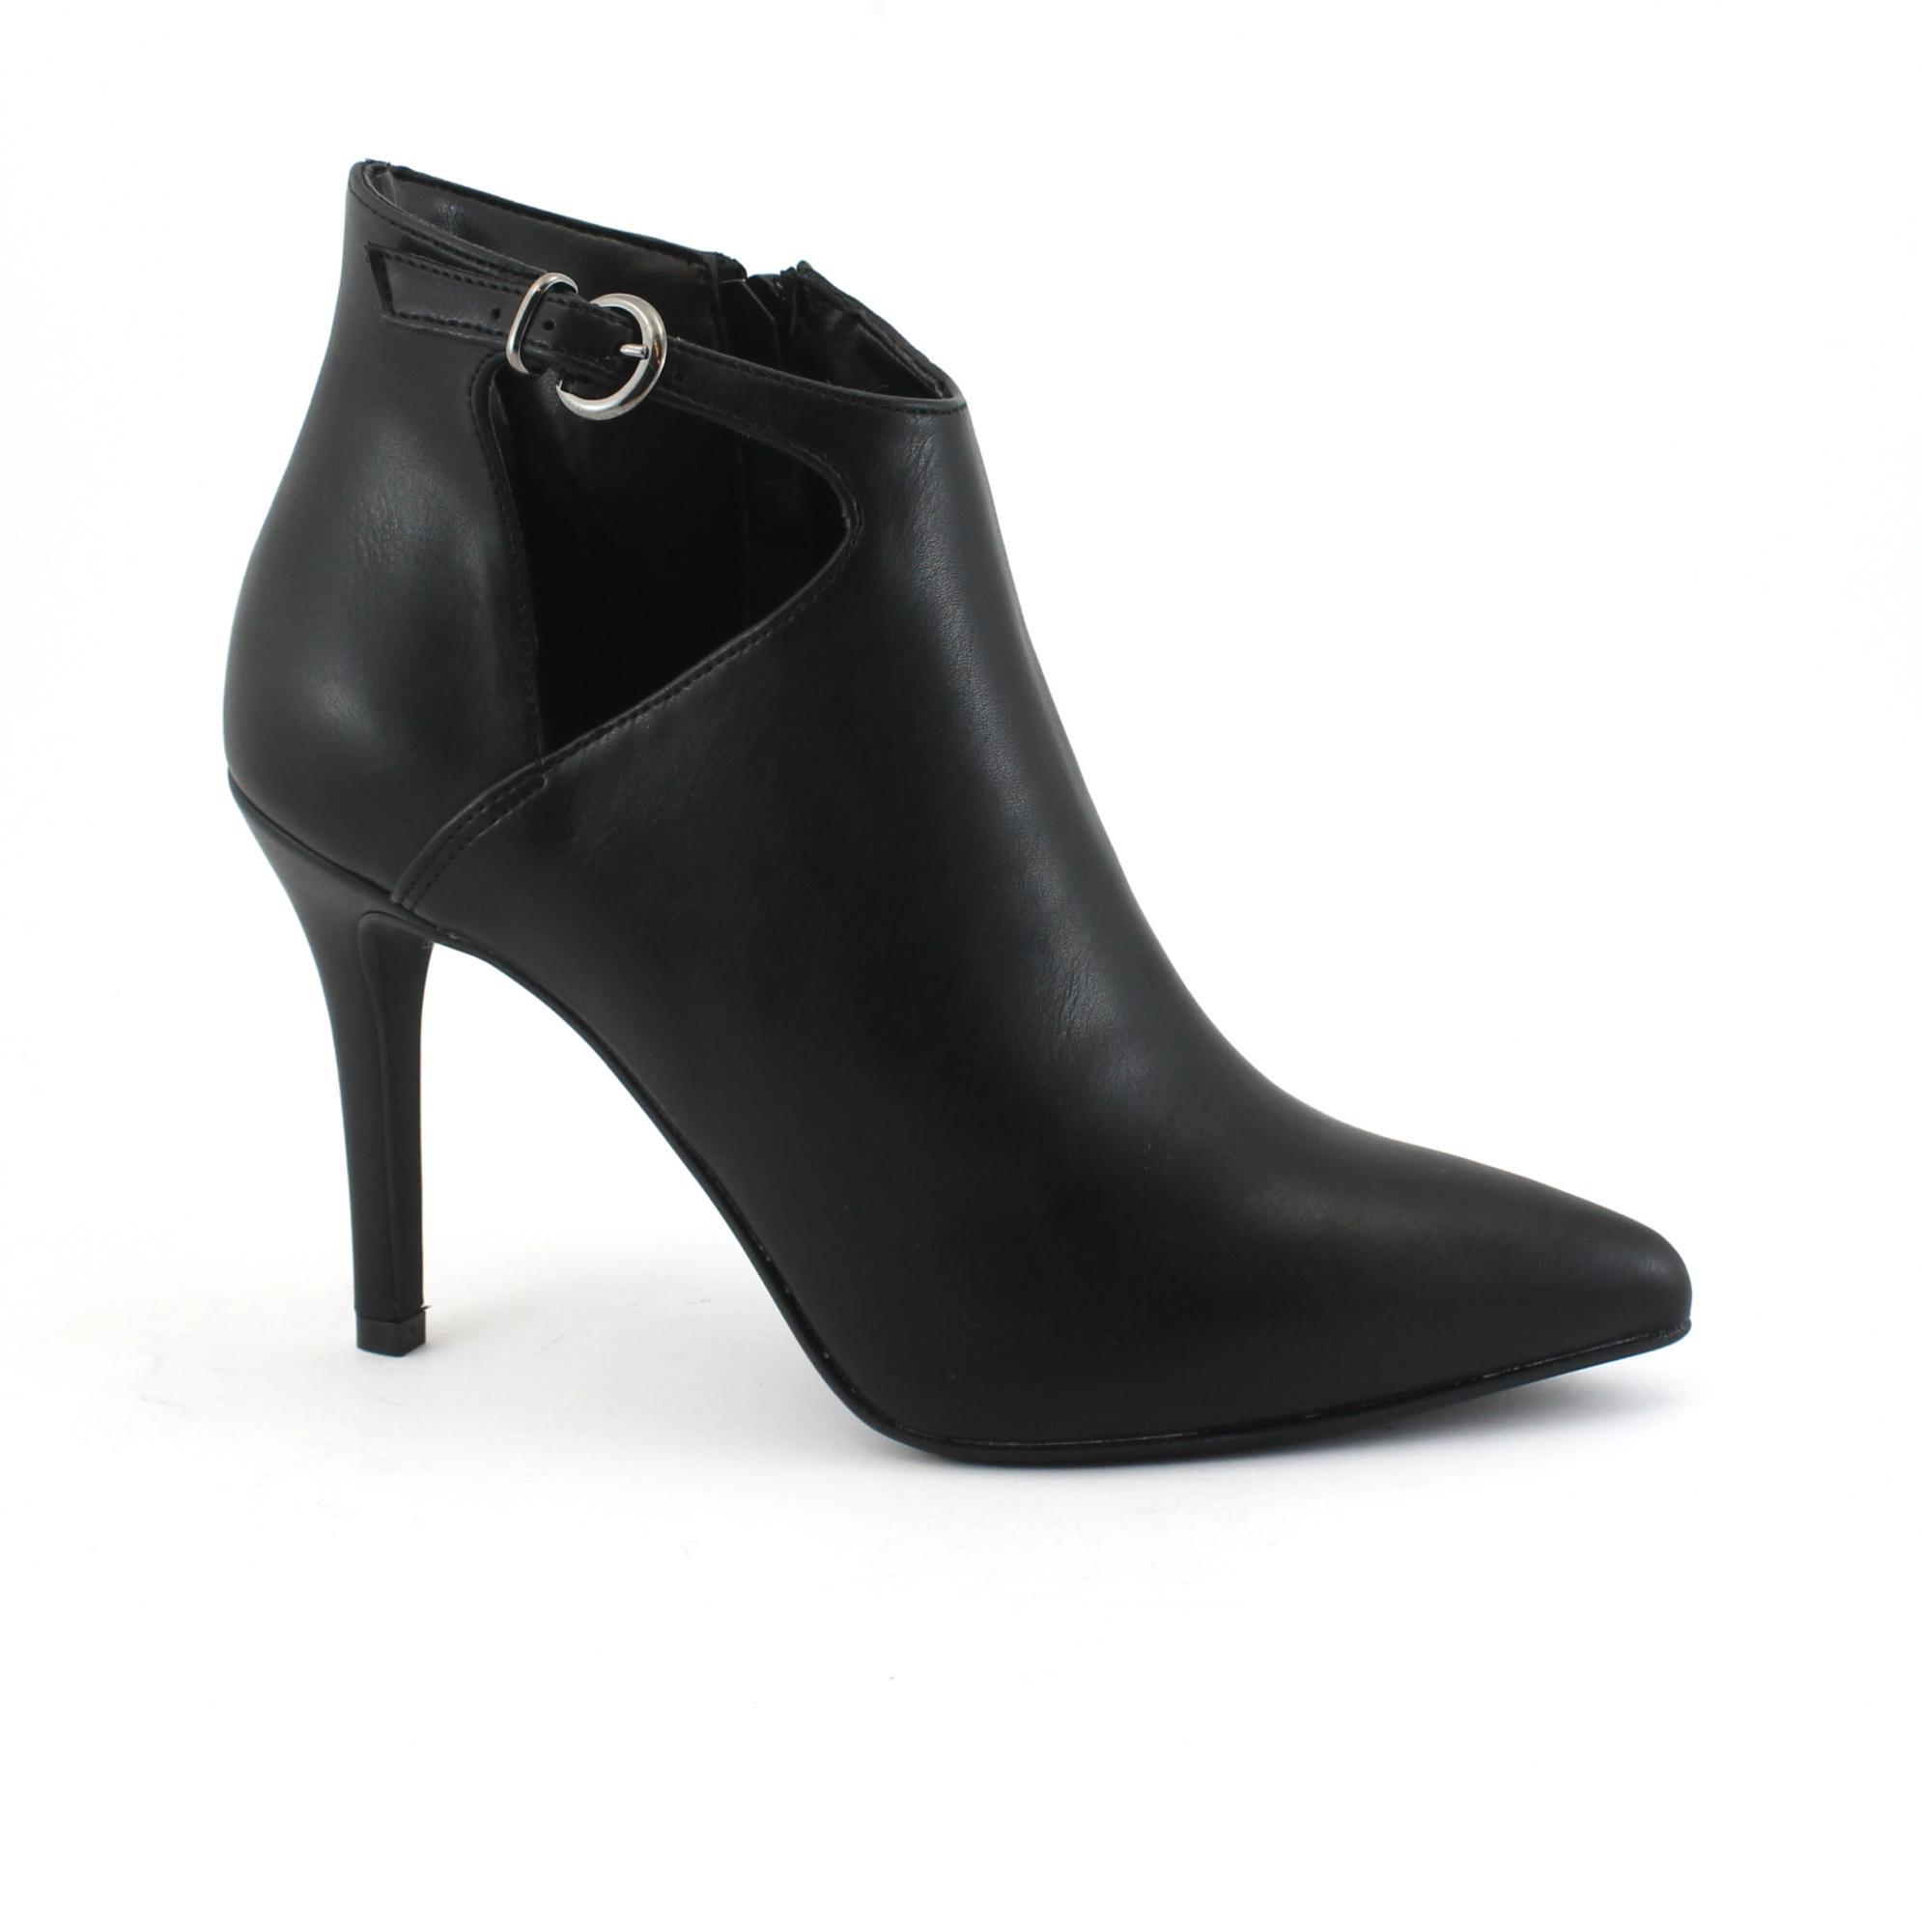 1e0414759be VSI Shoes Femme Chaussures à talons végétaliens avec bride zippée  Tronchetti Fabriquées en Italie - VeganShoes.it